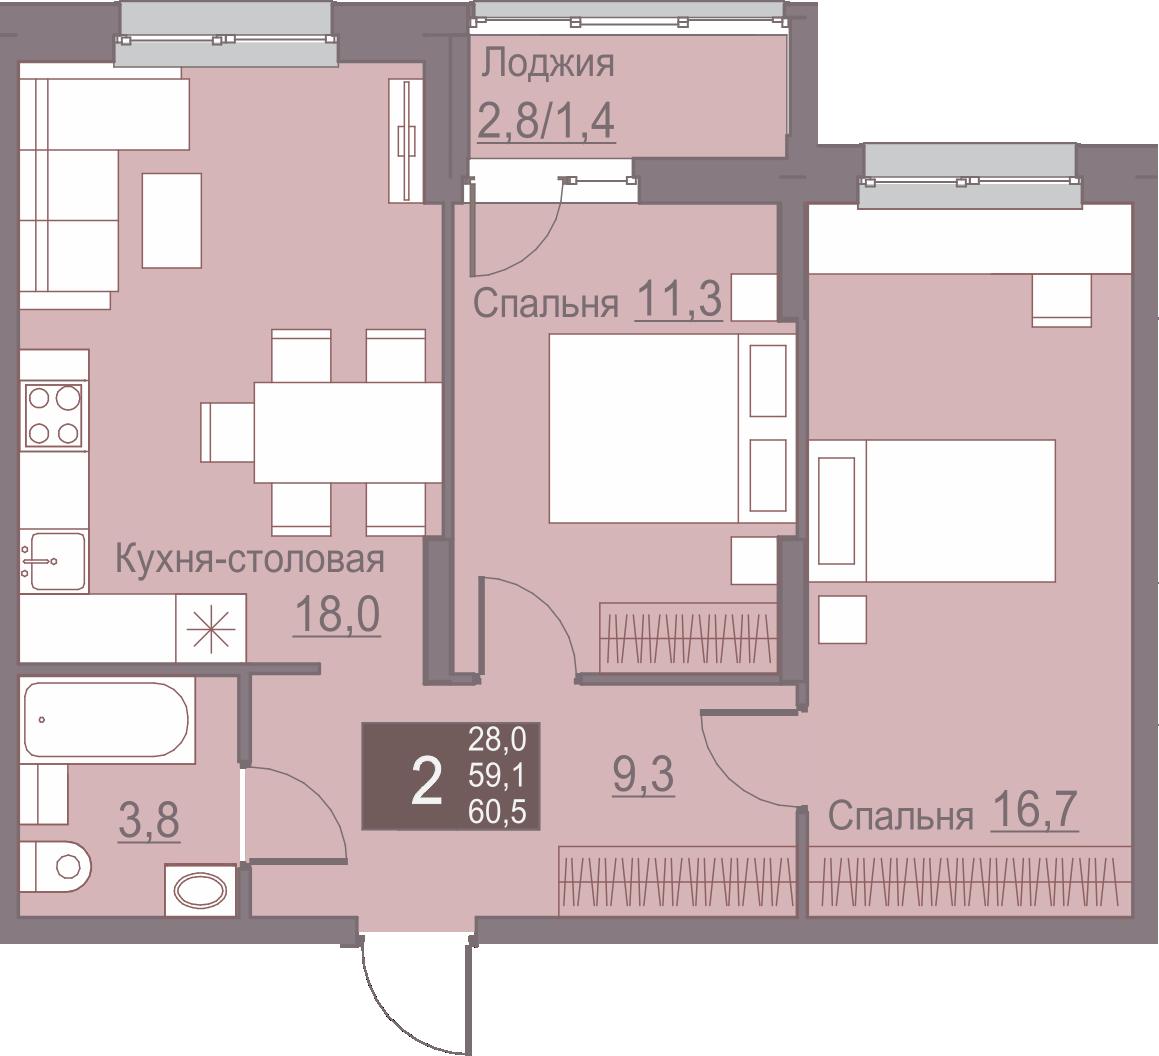 2-комнатная 60.5<span>м<sup>2</sup></span>